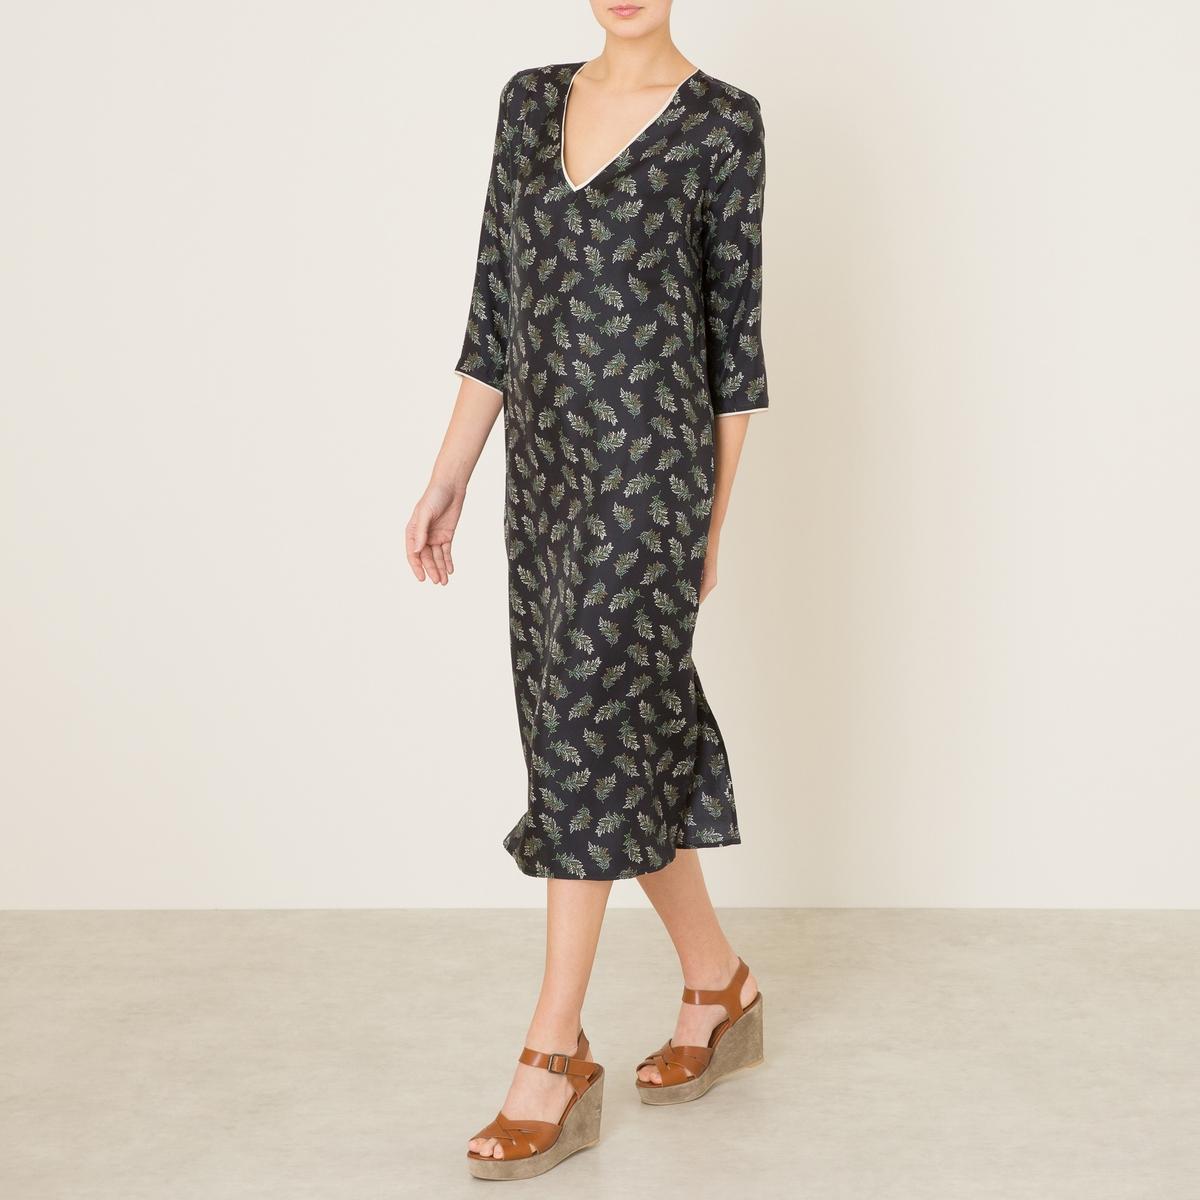 Платье BIGNEПлатье средней длины MOMONI - модель BIGNE из 100% шелка со сплошным рисунком. Вырез-лодочка. Длинные прямые рукава с втачными манжетами . Отрезное по талии, встречные складки от пояса. Разрезы по бокам.Состав и описание    Материал : 100% вискоза   Марка : MOMONI<br><br>Цвет: рисунок черный<br>Размер: XL